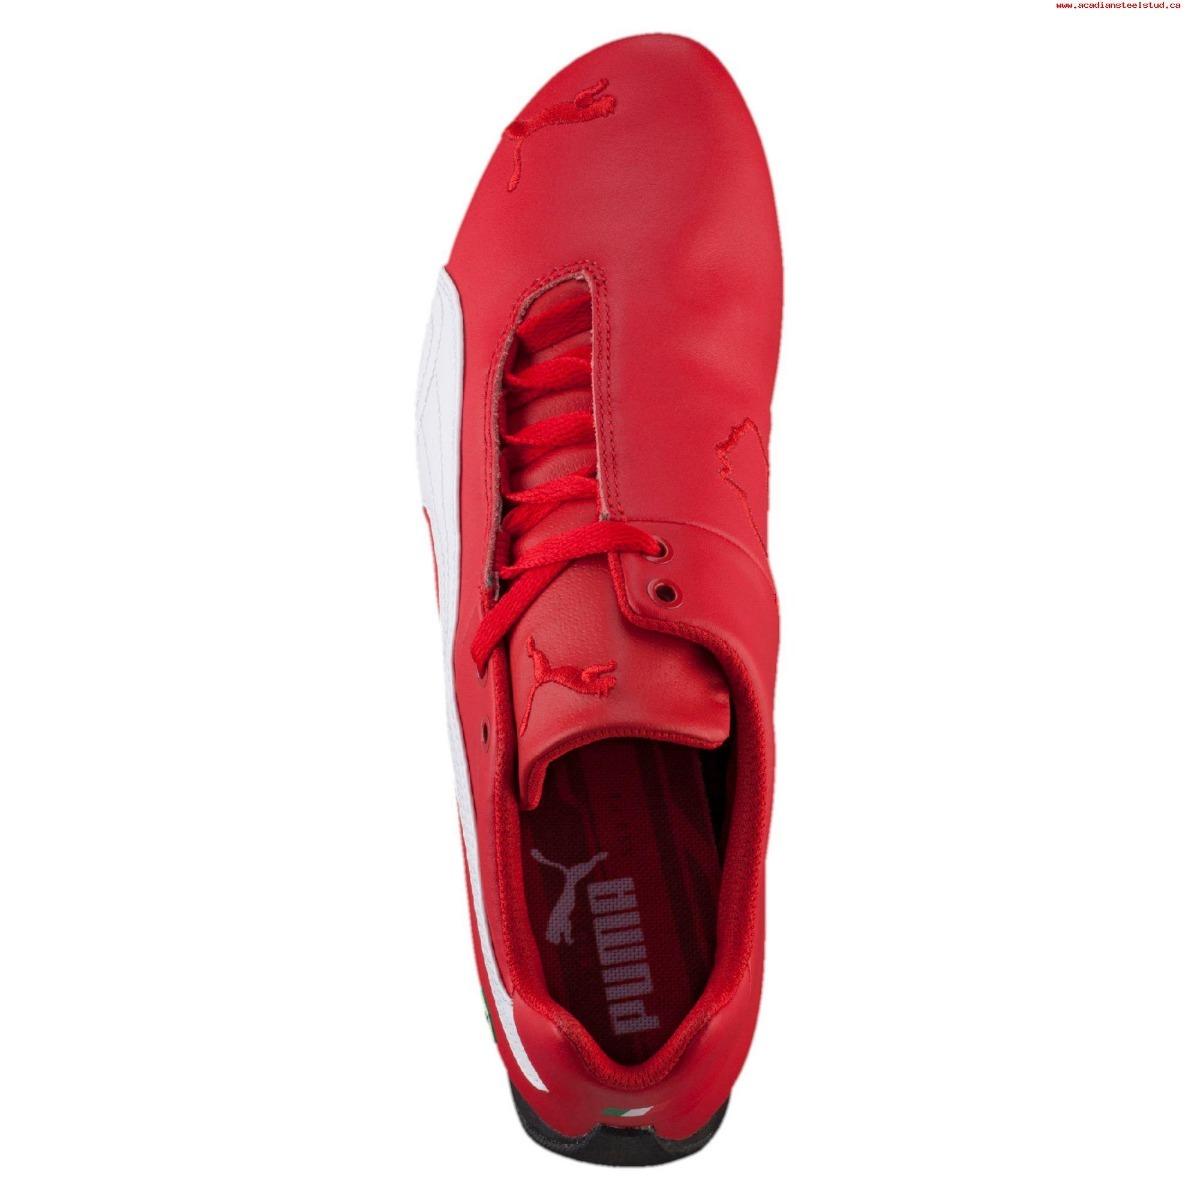 5668461c5d tênis puma scuderia ferrari vermelho future cat og original. Carregando zoom .